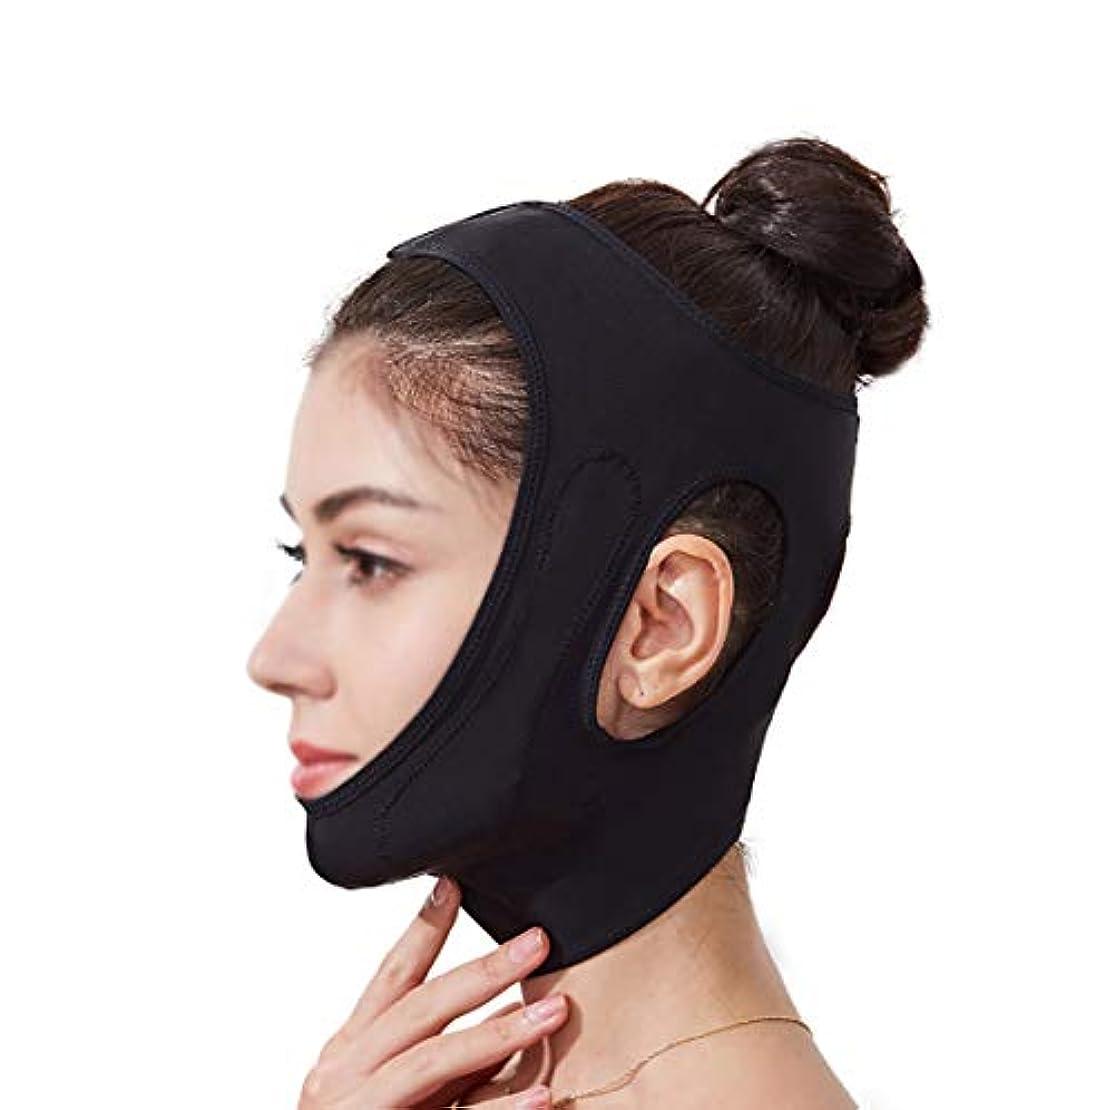 限りなく意志会うフェイスリフティング包帯vフェイスマスクフェイスリフティングあご快適な顔引き締めフェイシャルマッサージワンサイズ (Color : Black)